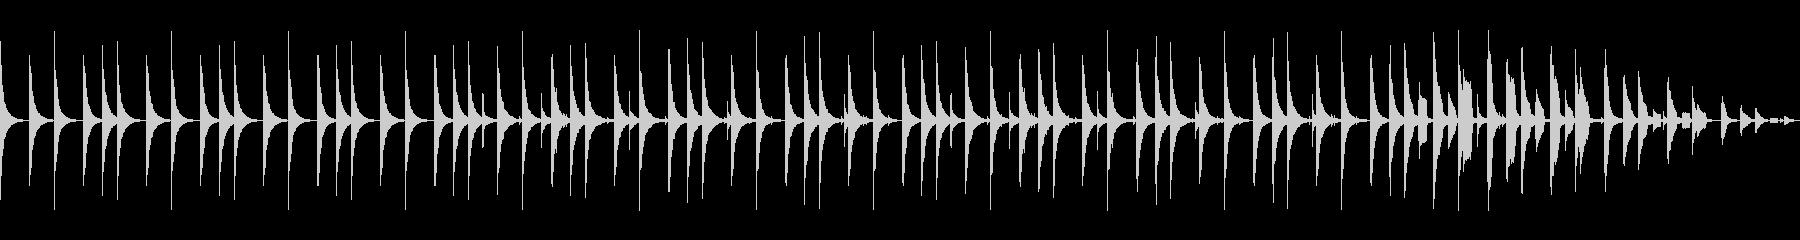 超スローテンポノービートバージョンの未再生の波形